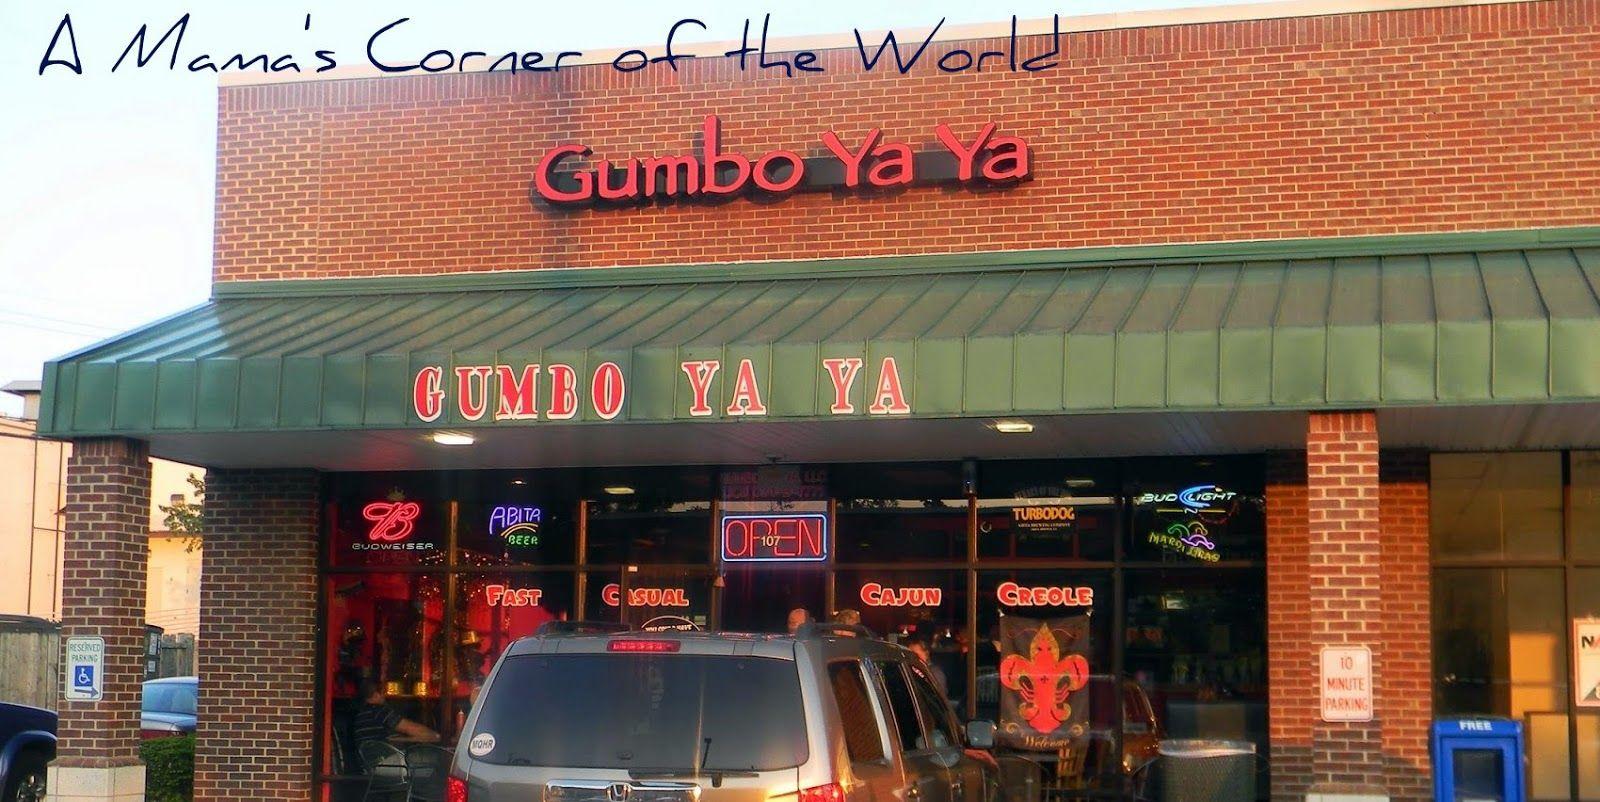 Gumbo Ya Restaurant Review Great Cajun Food In Lexington Kentucky